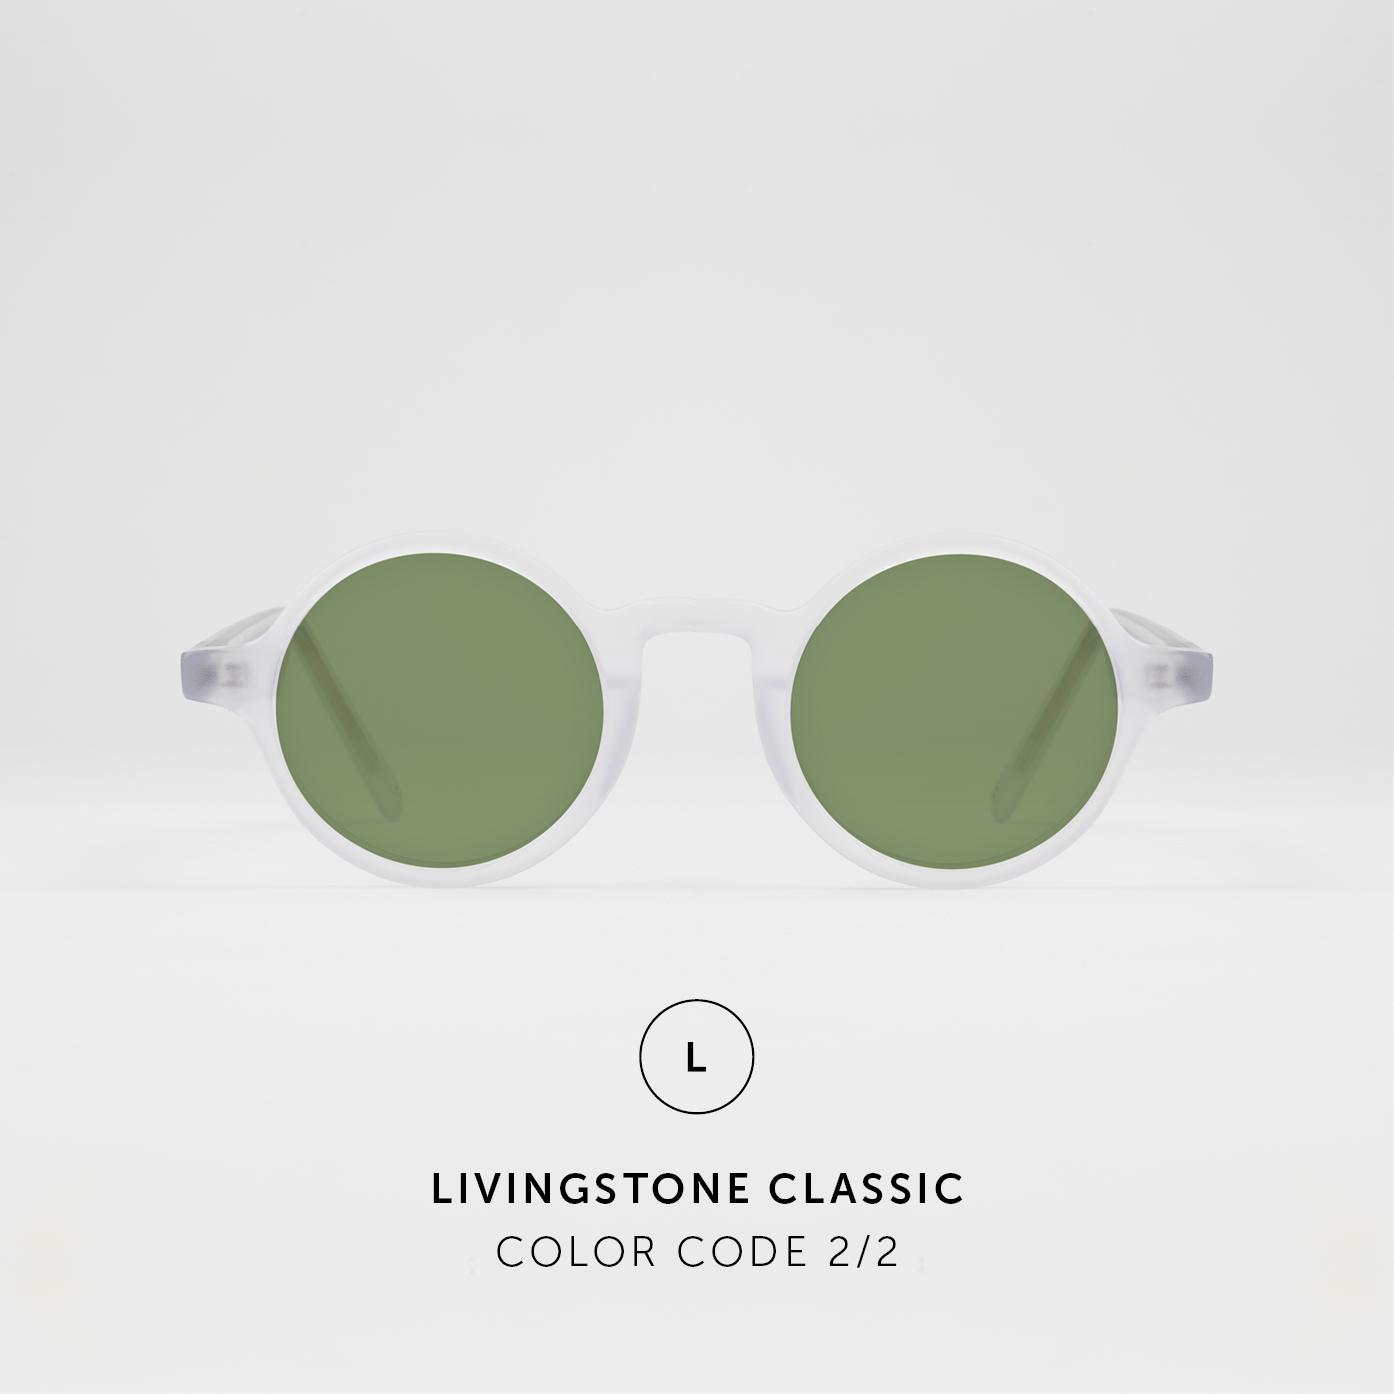 LivingstoneClassic19.jpg